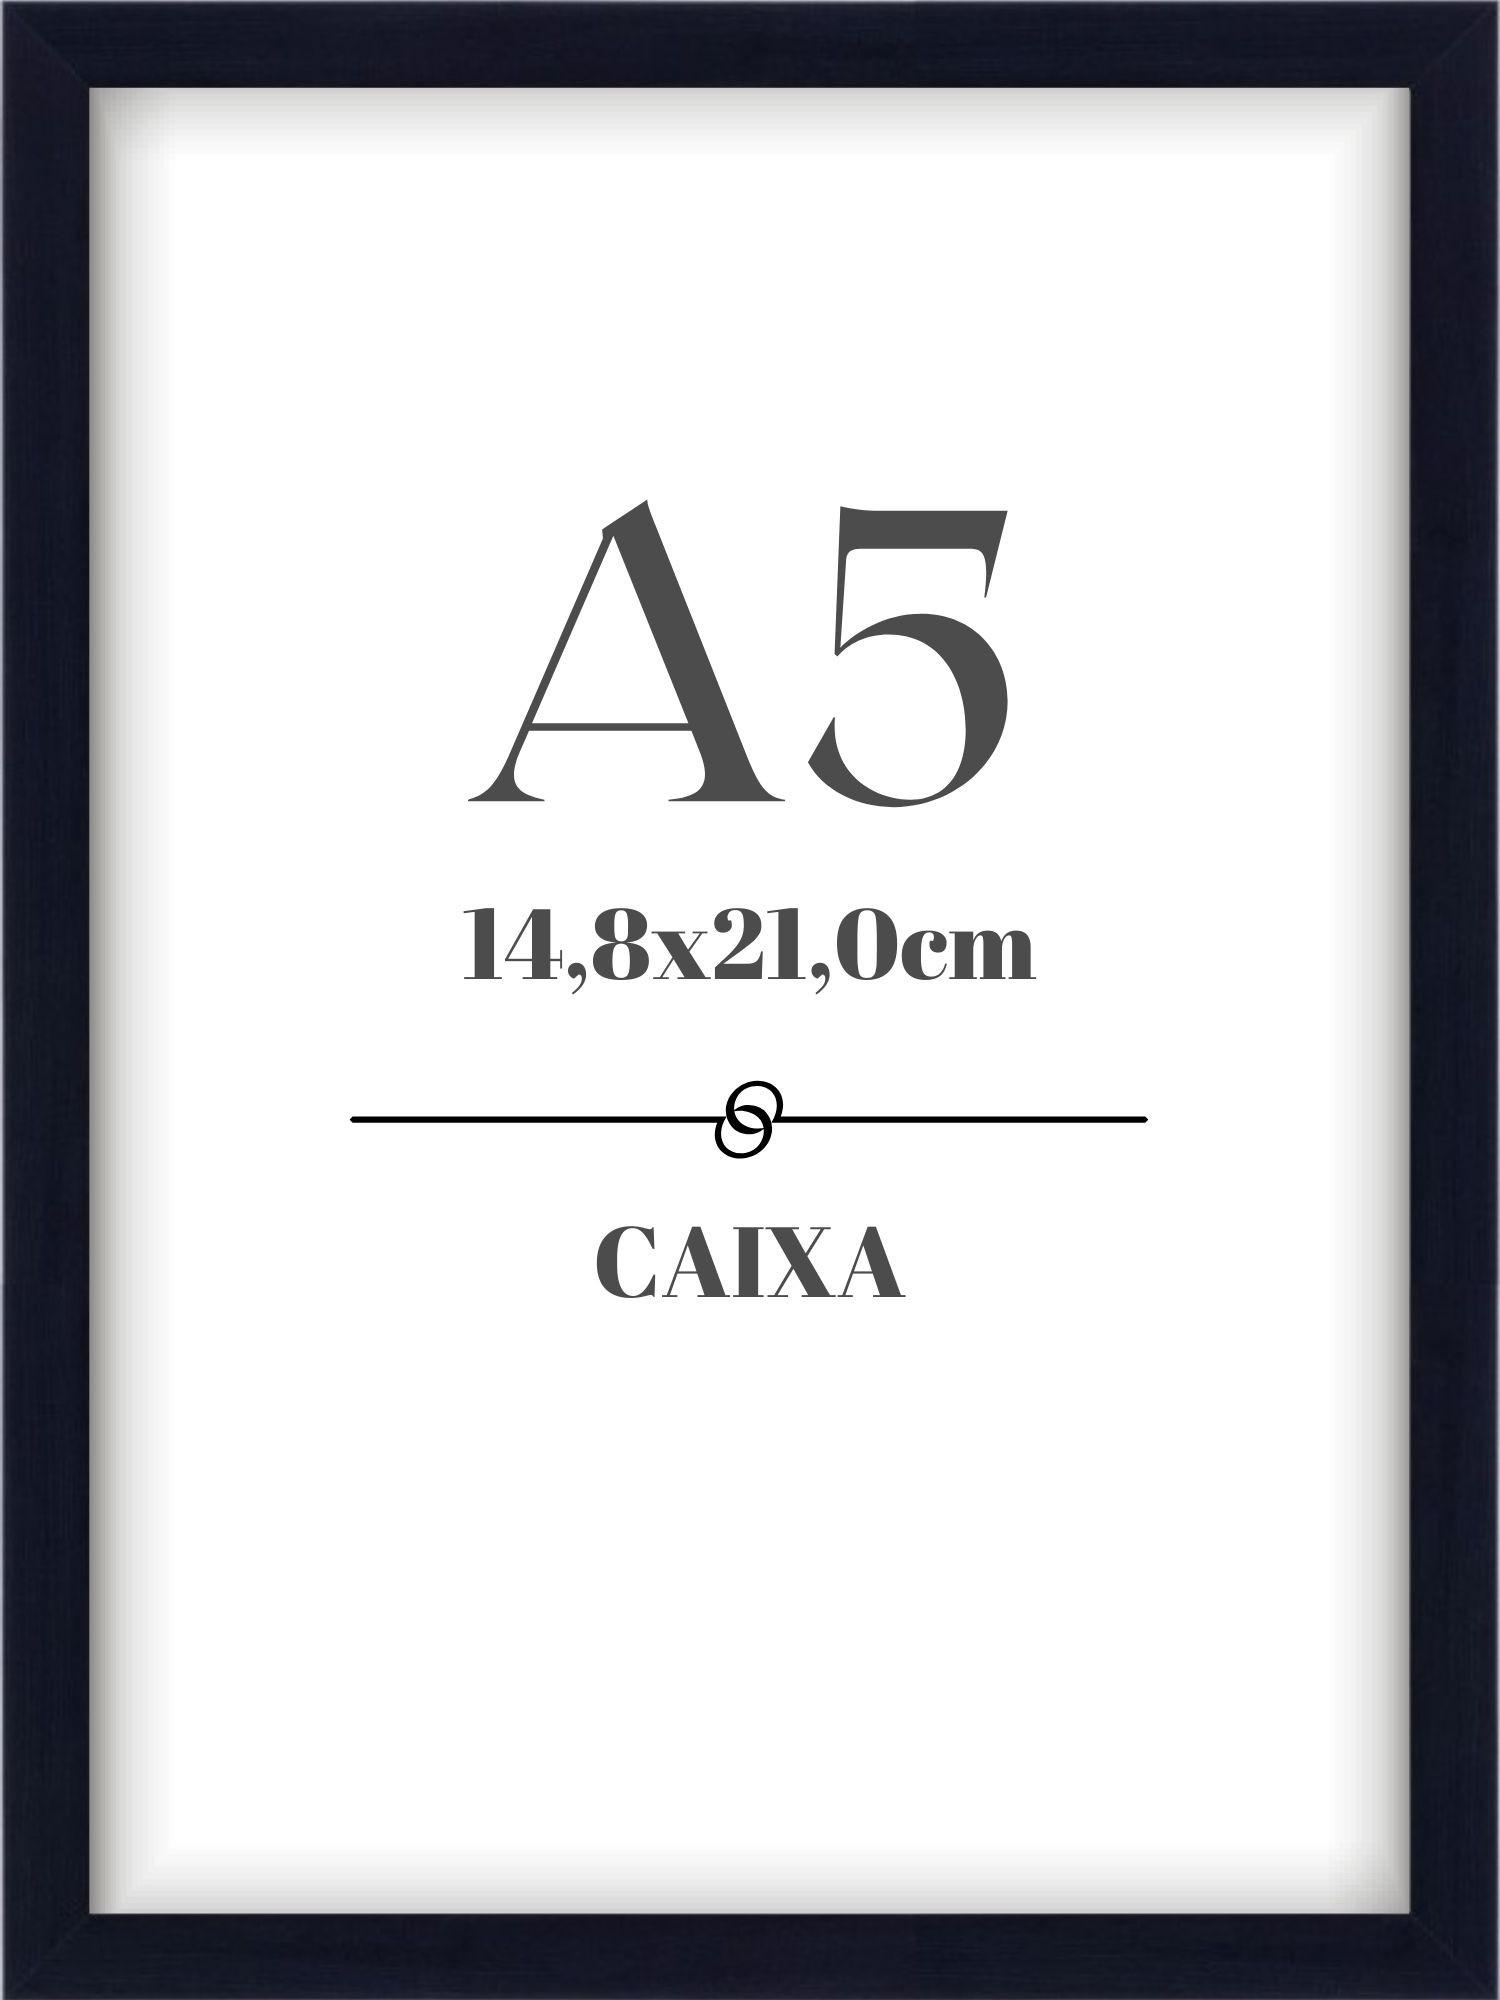 Moldura Caixa - A5